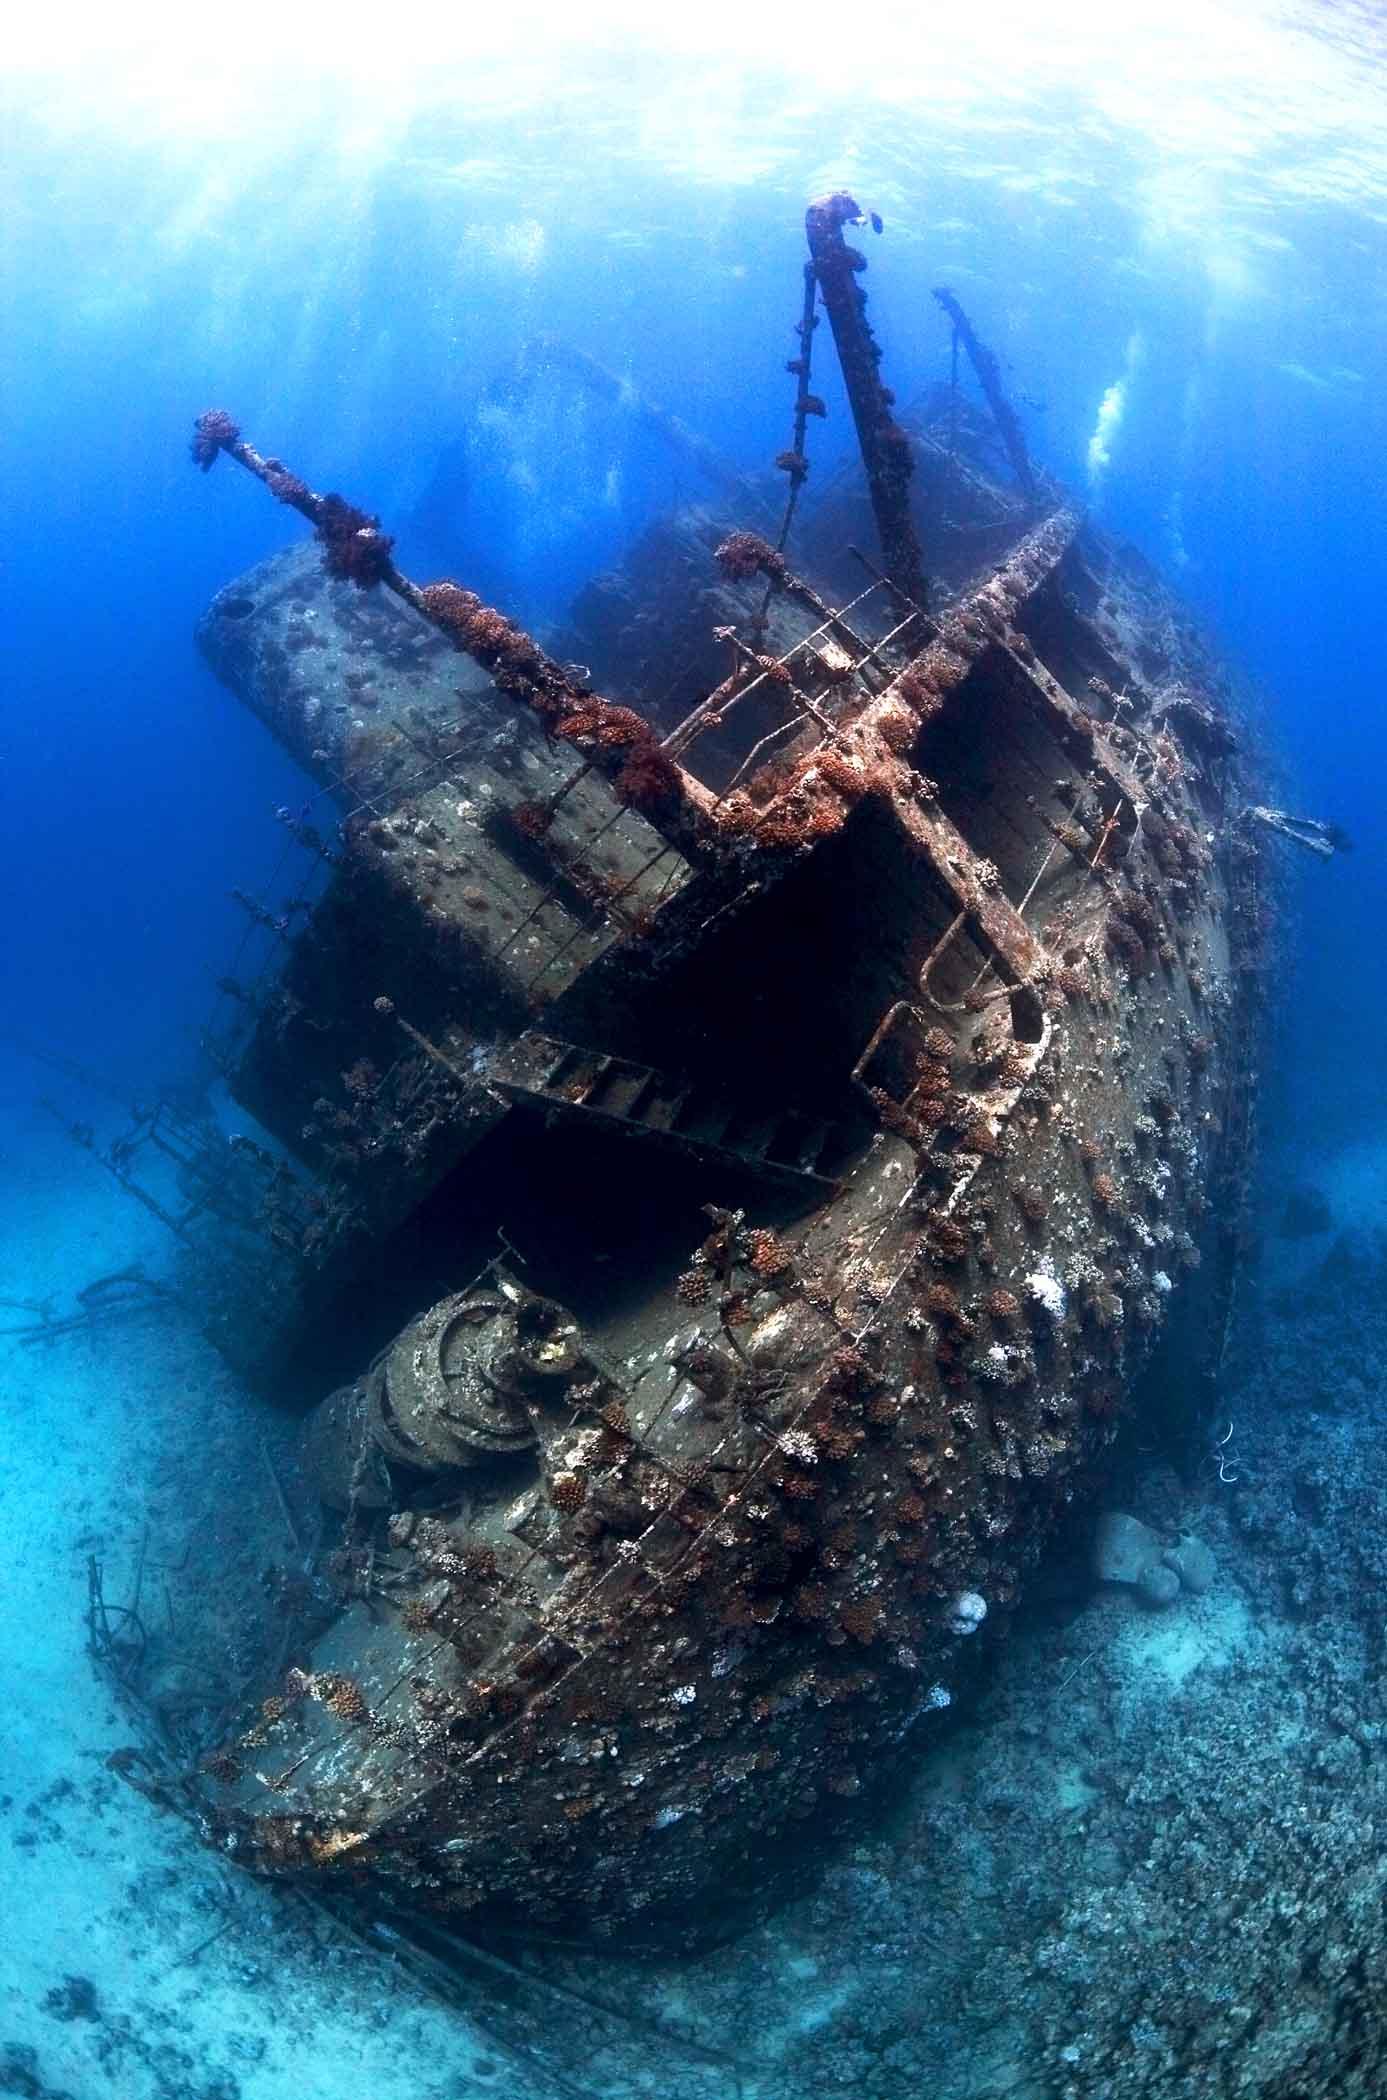 Фото затонувший корабль на дне моря.